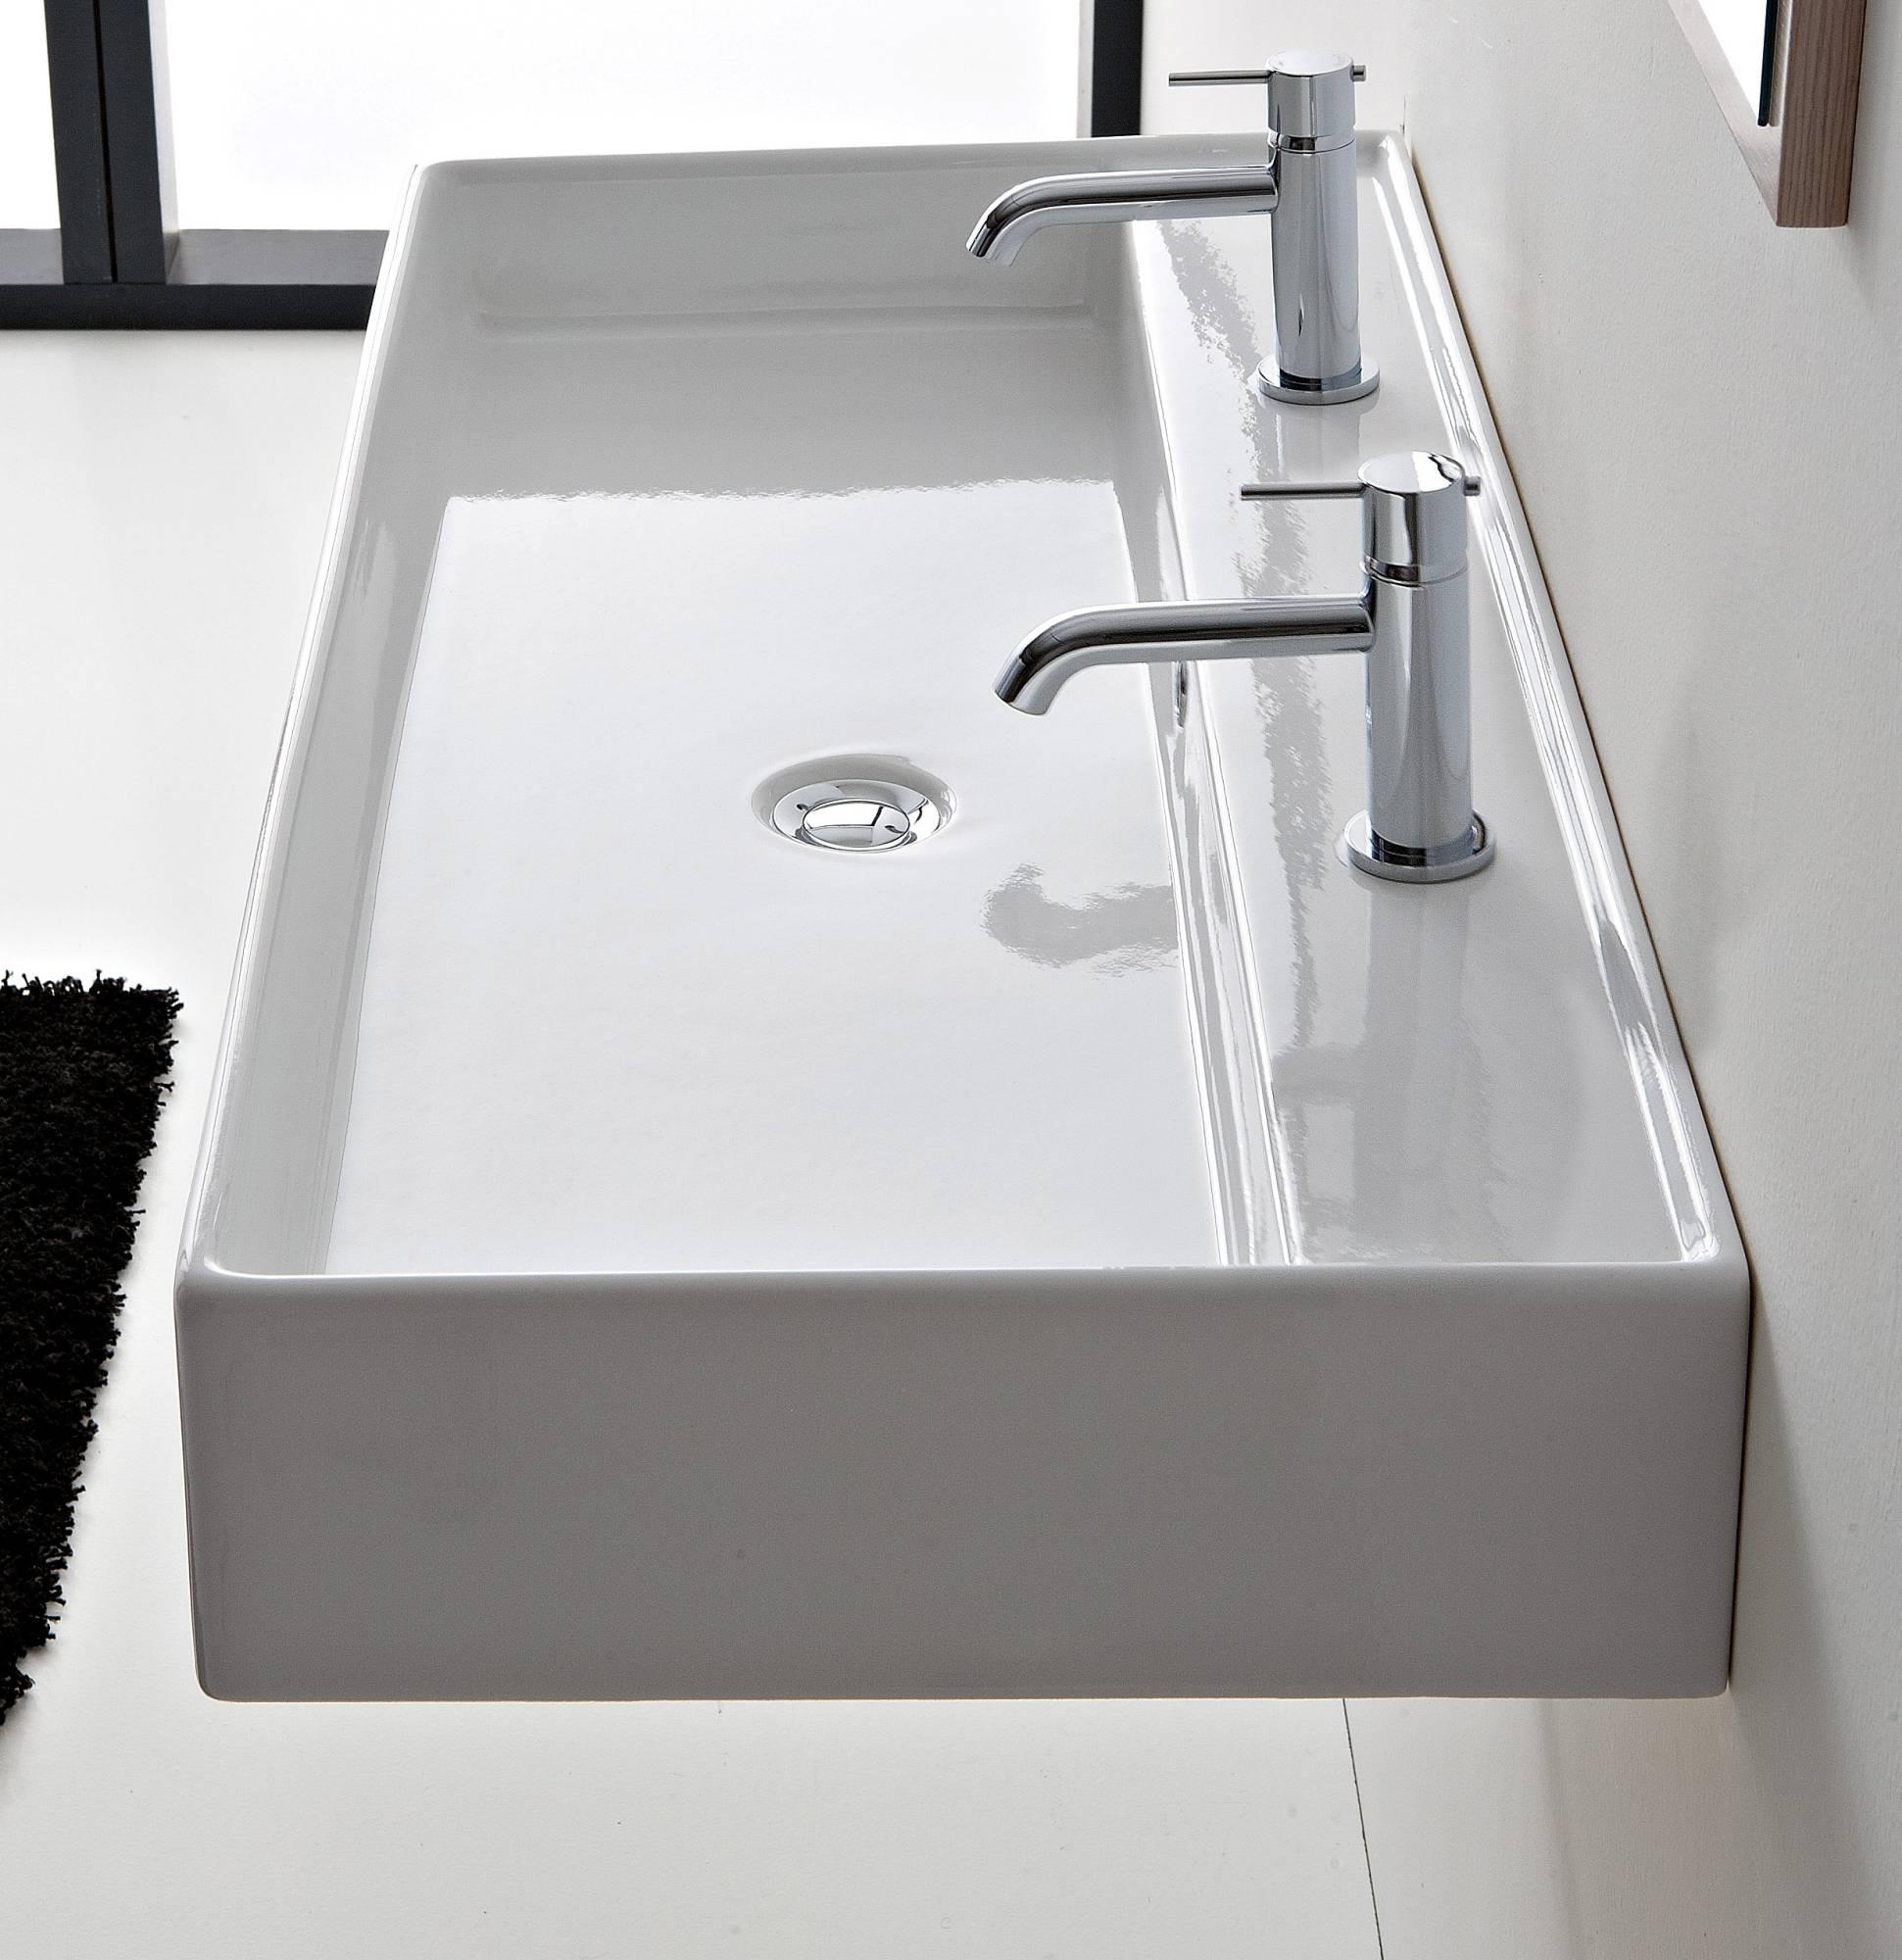 lavabo da appoggio o sospeso con due fori rubinetto teorema scarabeo ins2